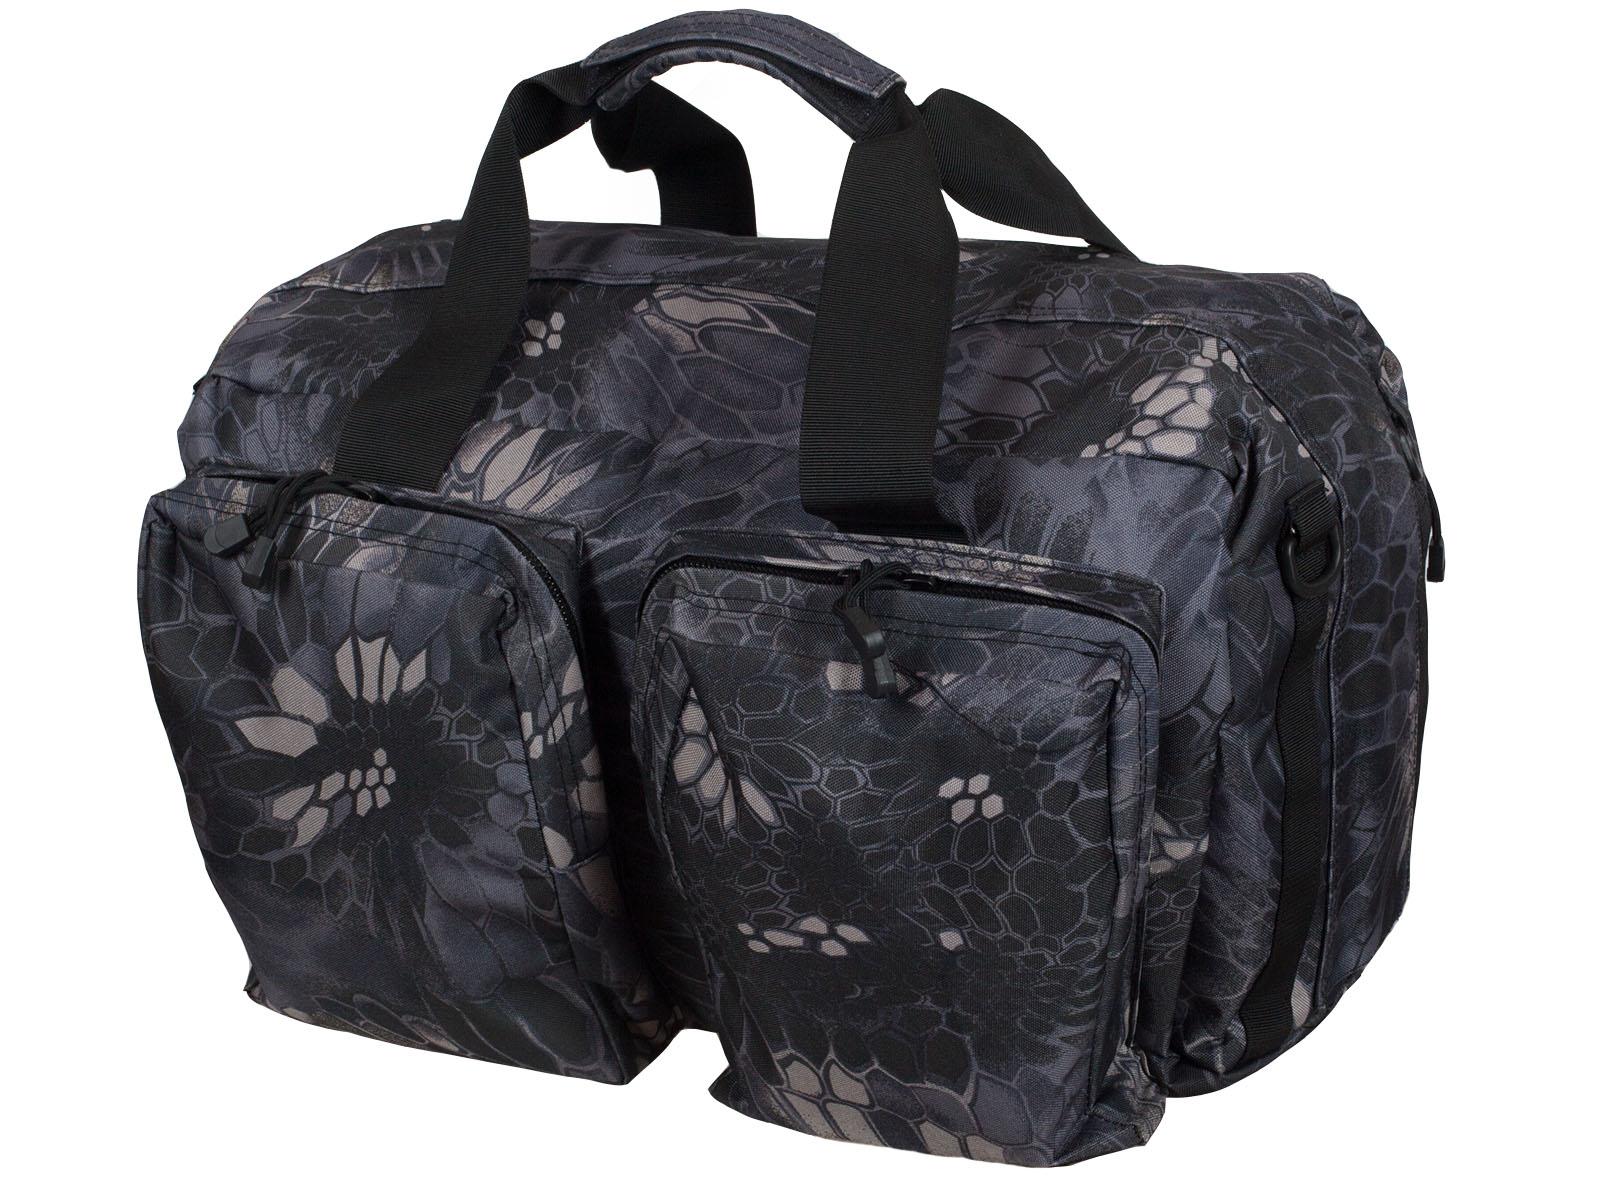 Практичная дорожная сумка с нашивкой Русская Охота - заказать с доставкой